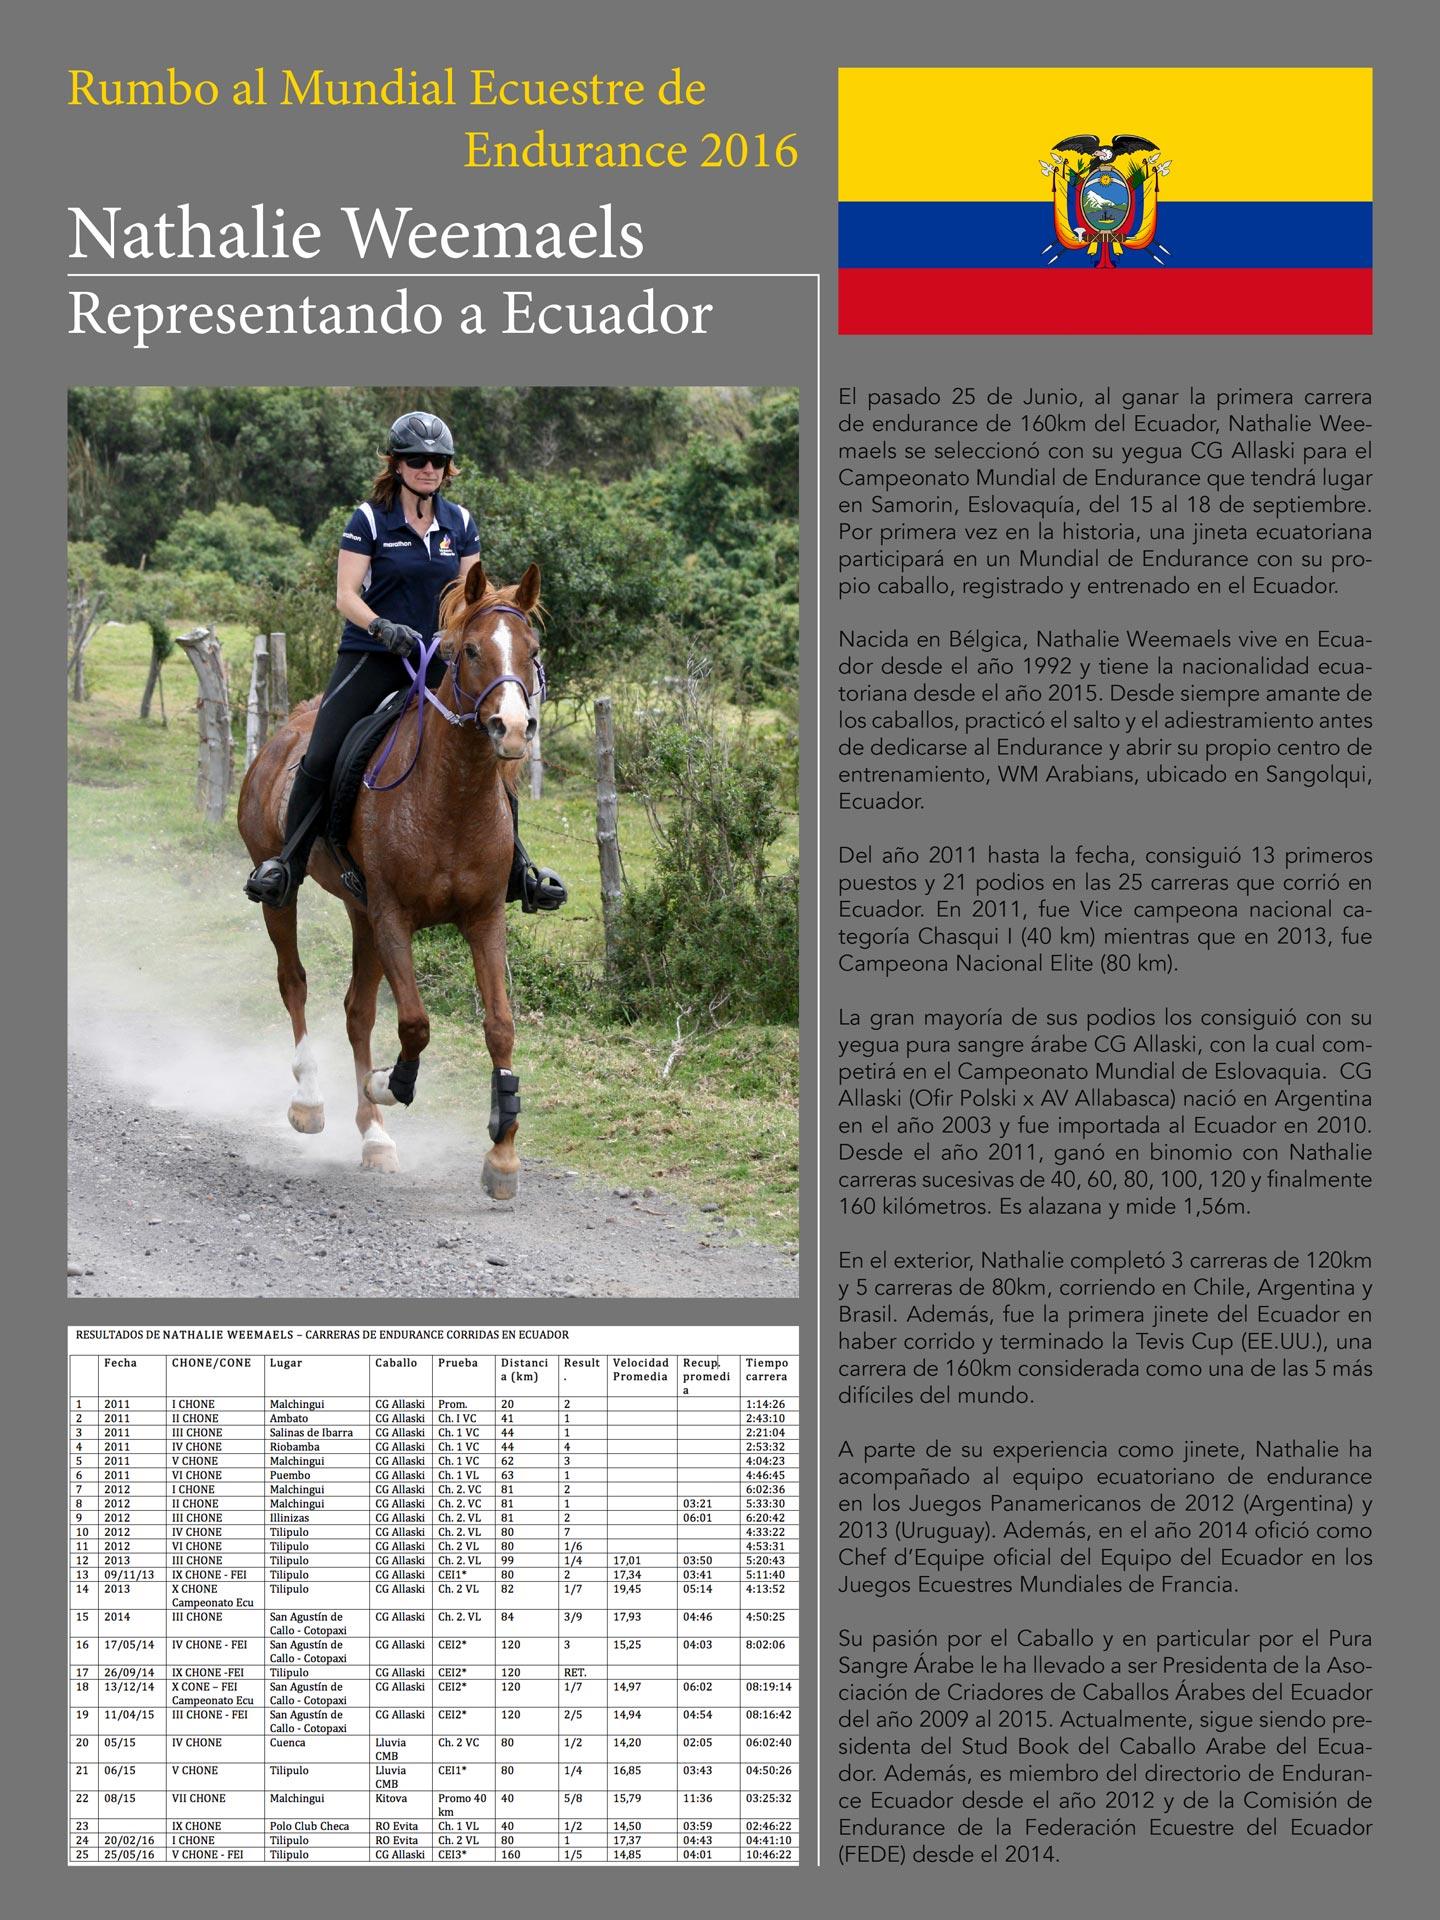 Boletín de Prensa 001